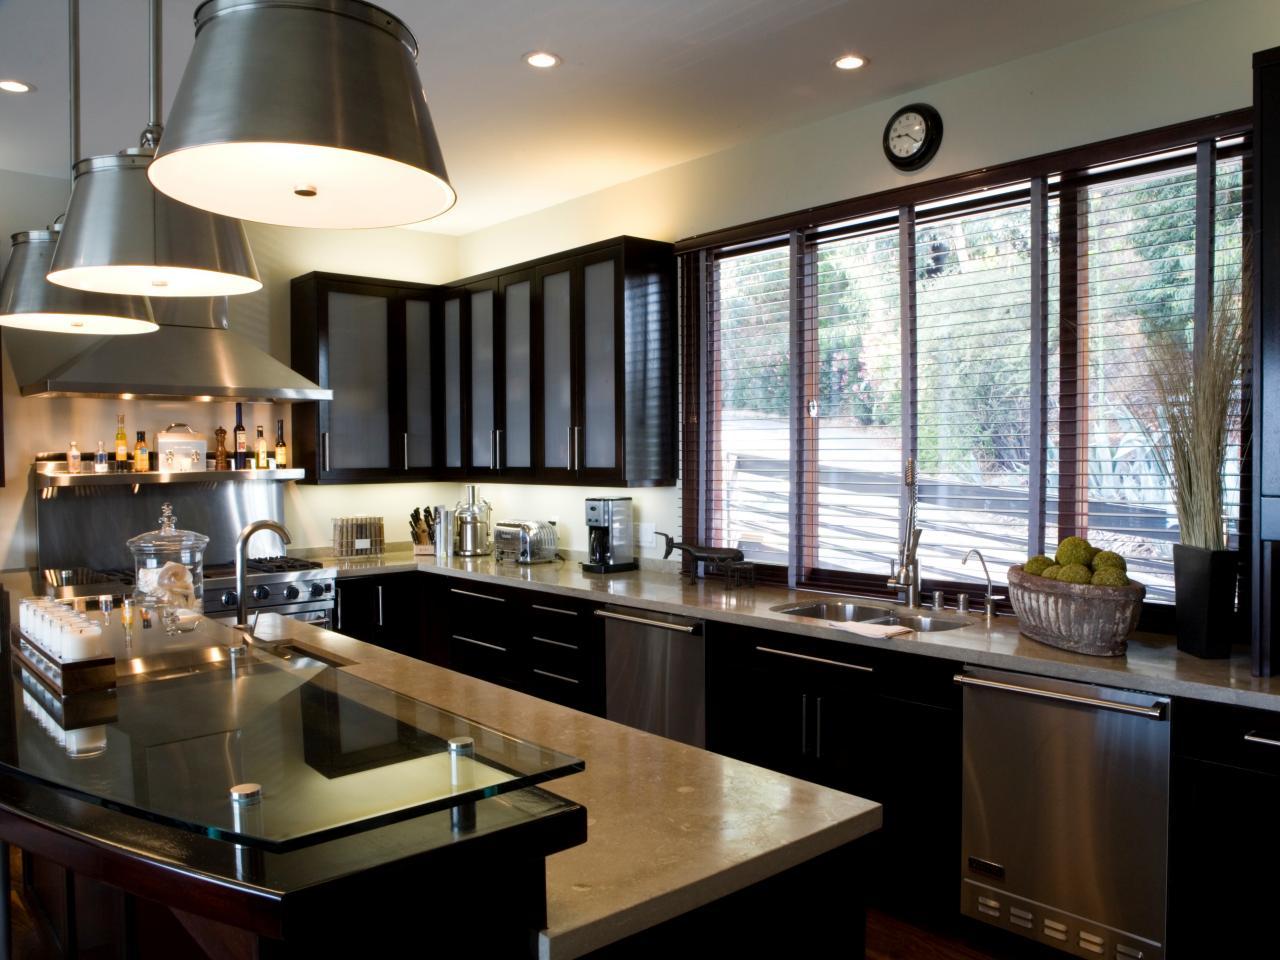 Hgtv u shaped kitchen designs | Hawk Haven